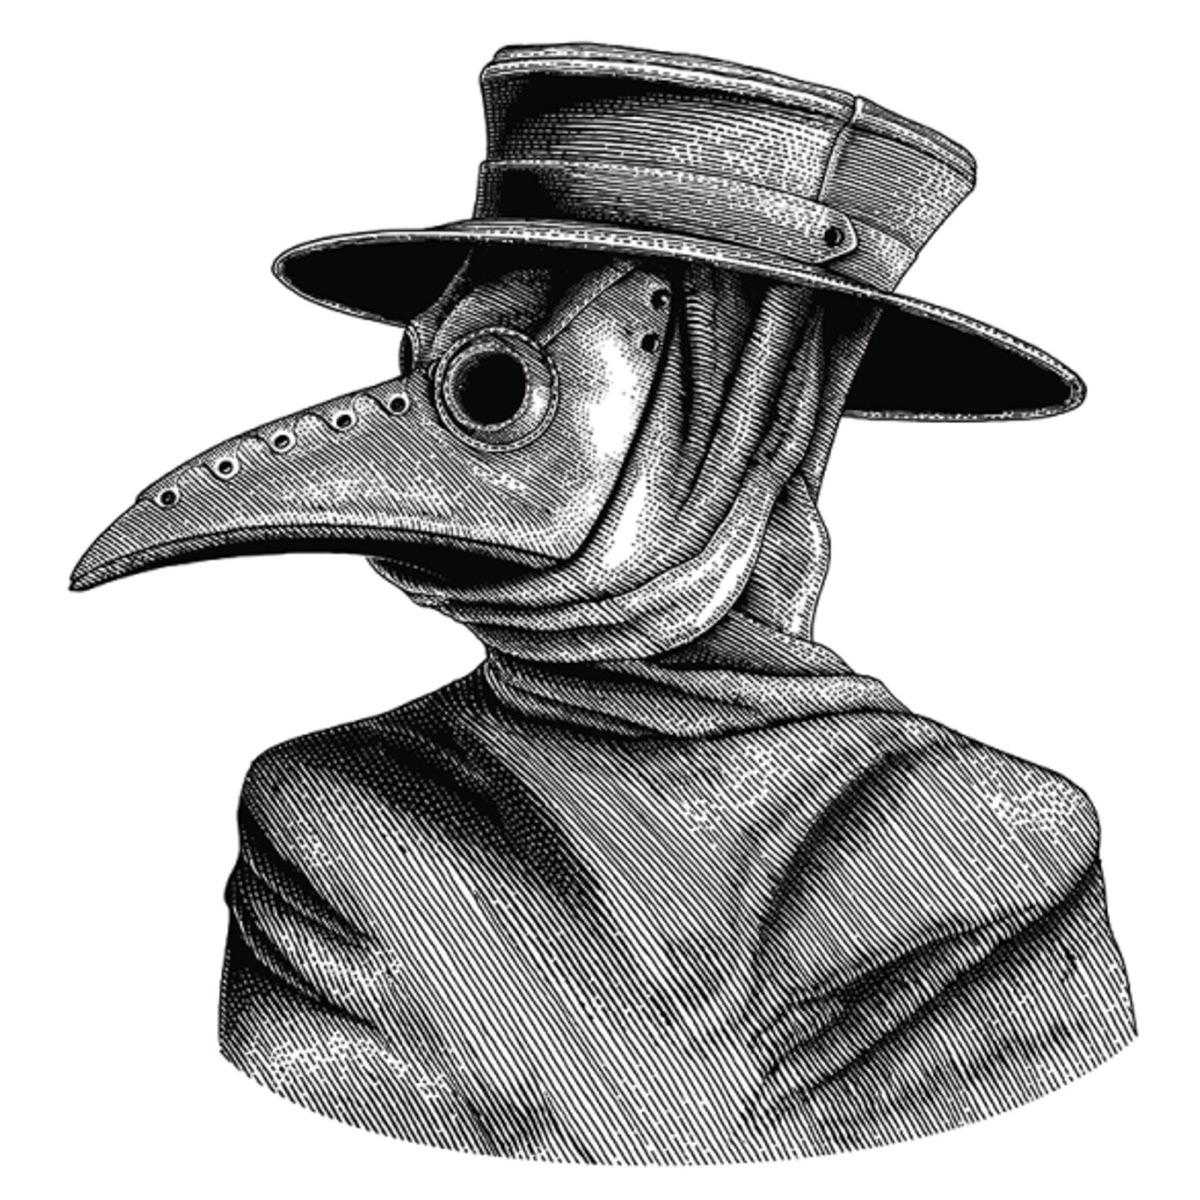 The Plaguecast